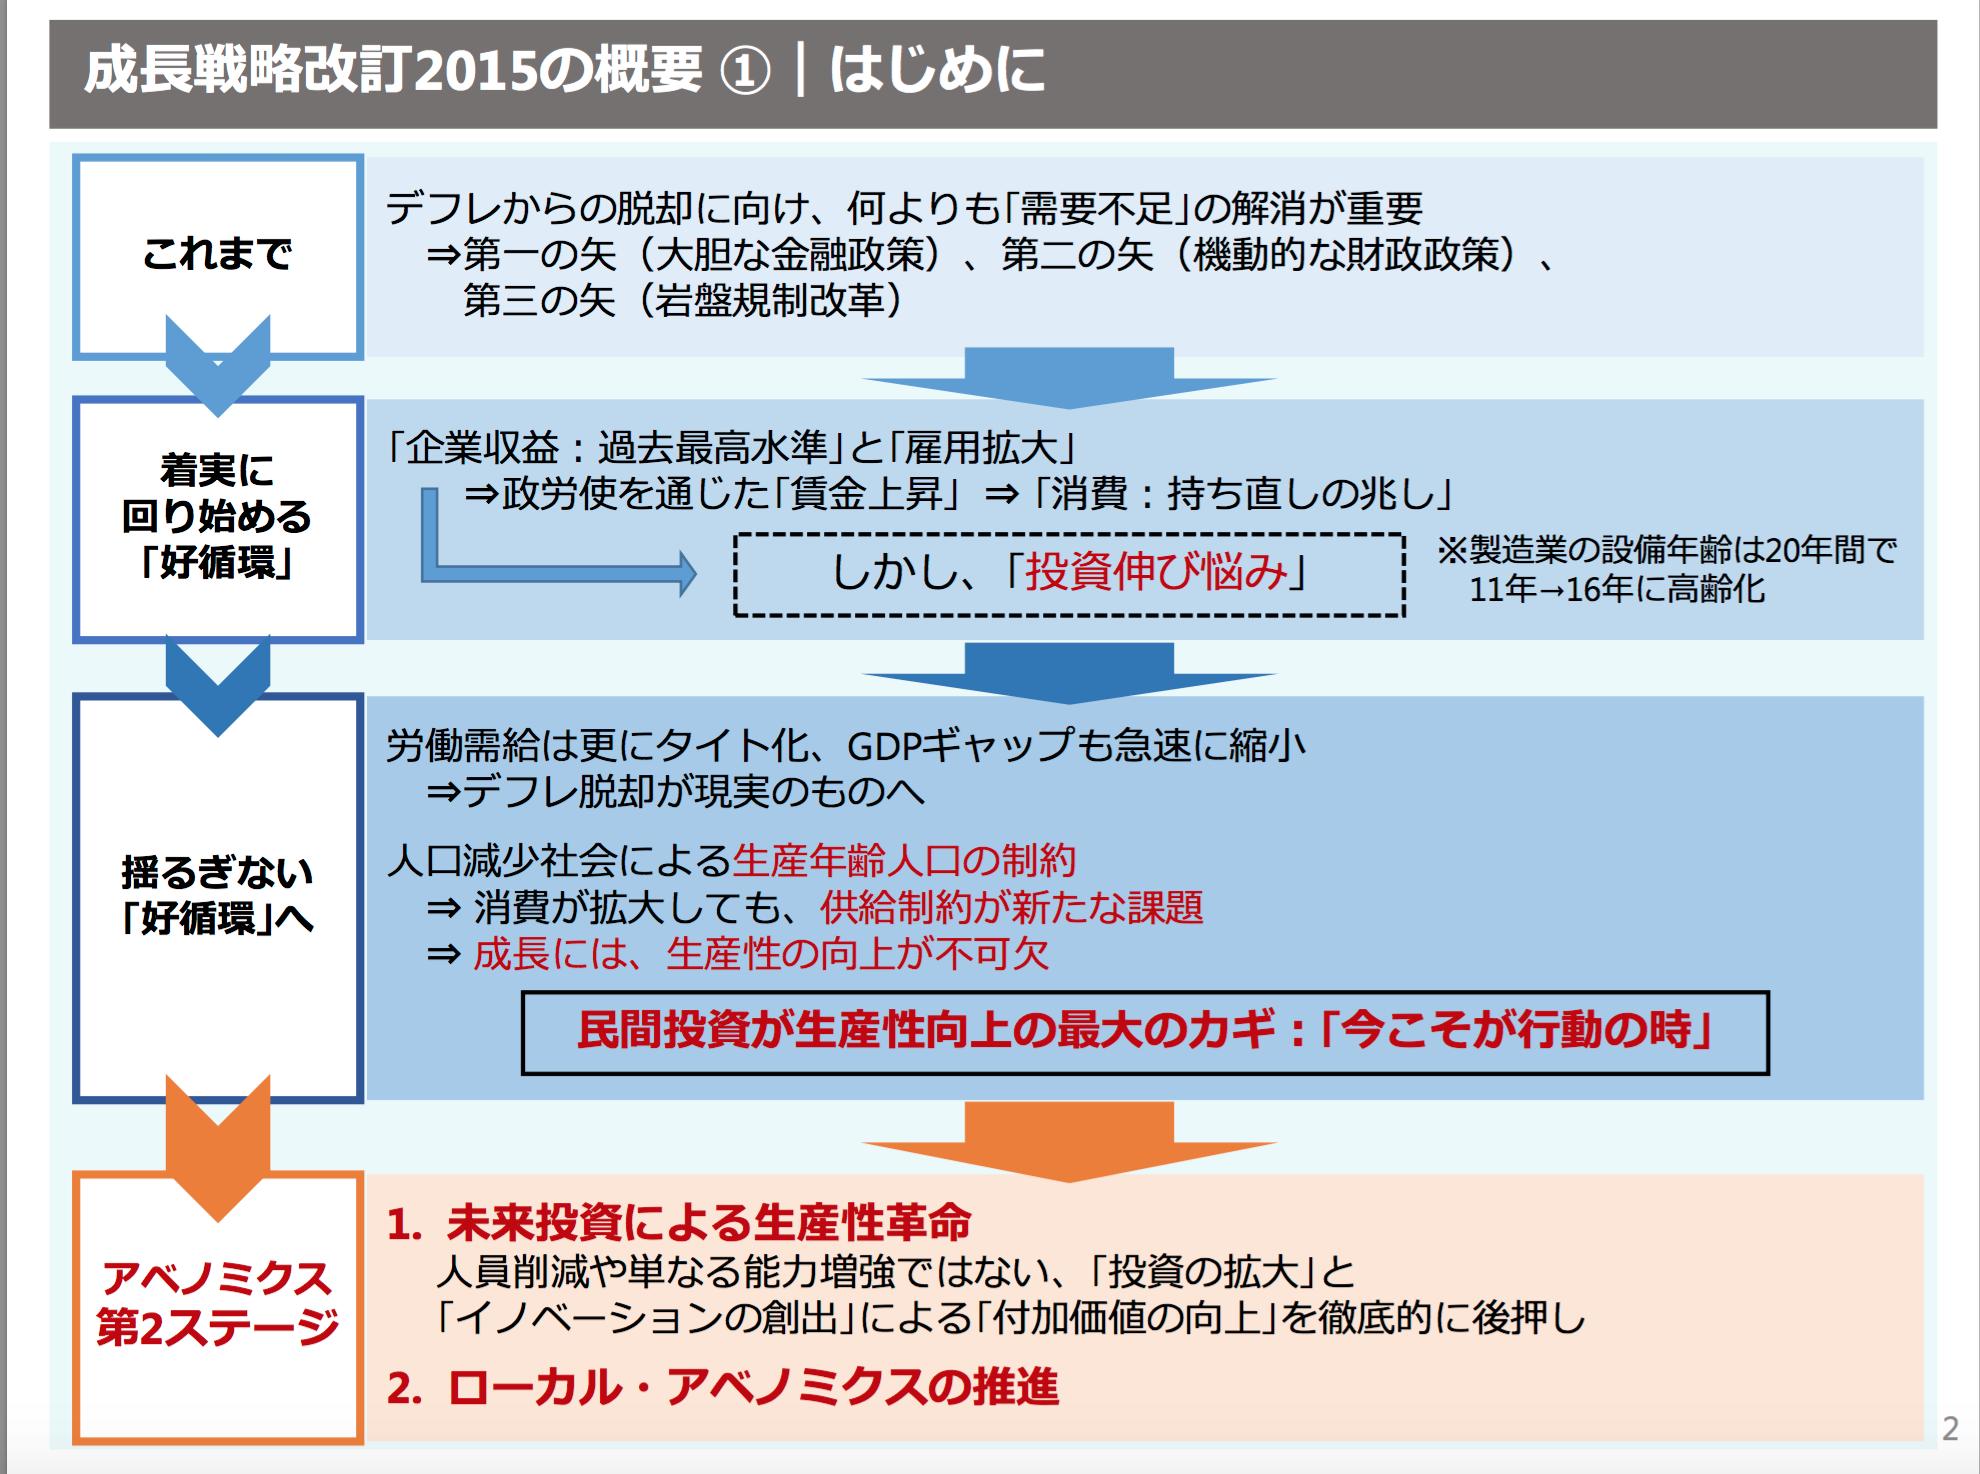 日本再興戦略2015ー2